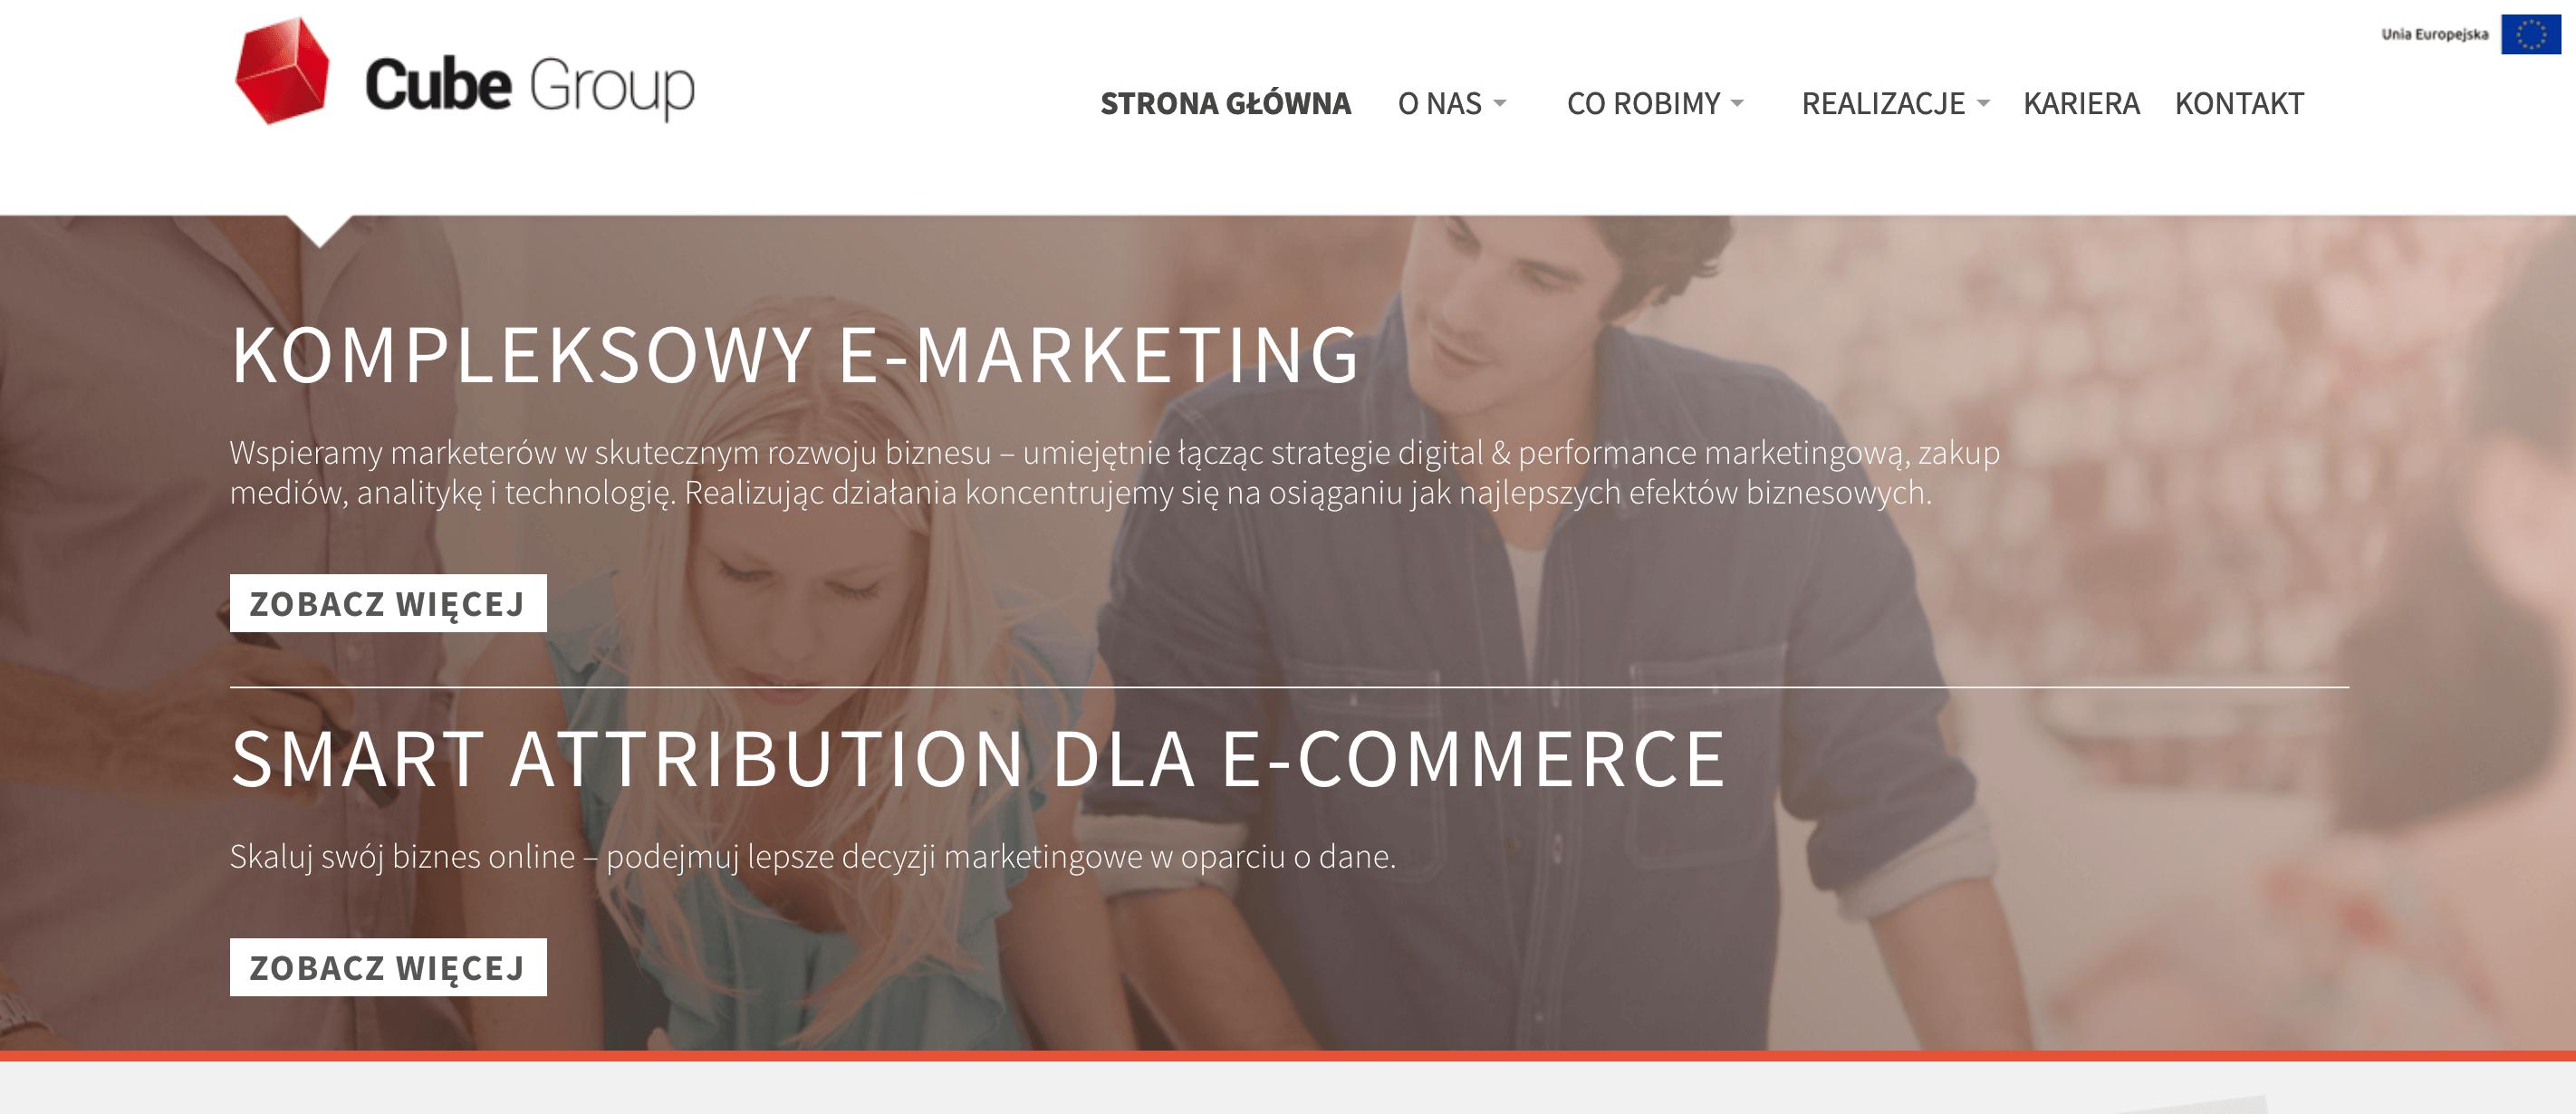 Cube Group website screenshot